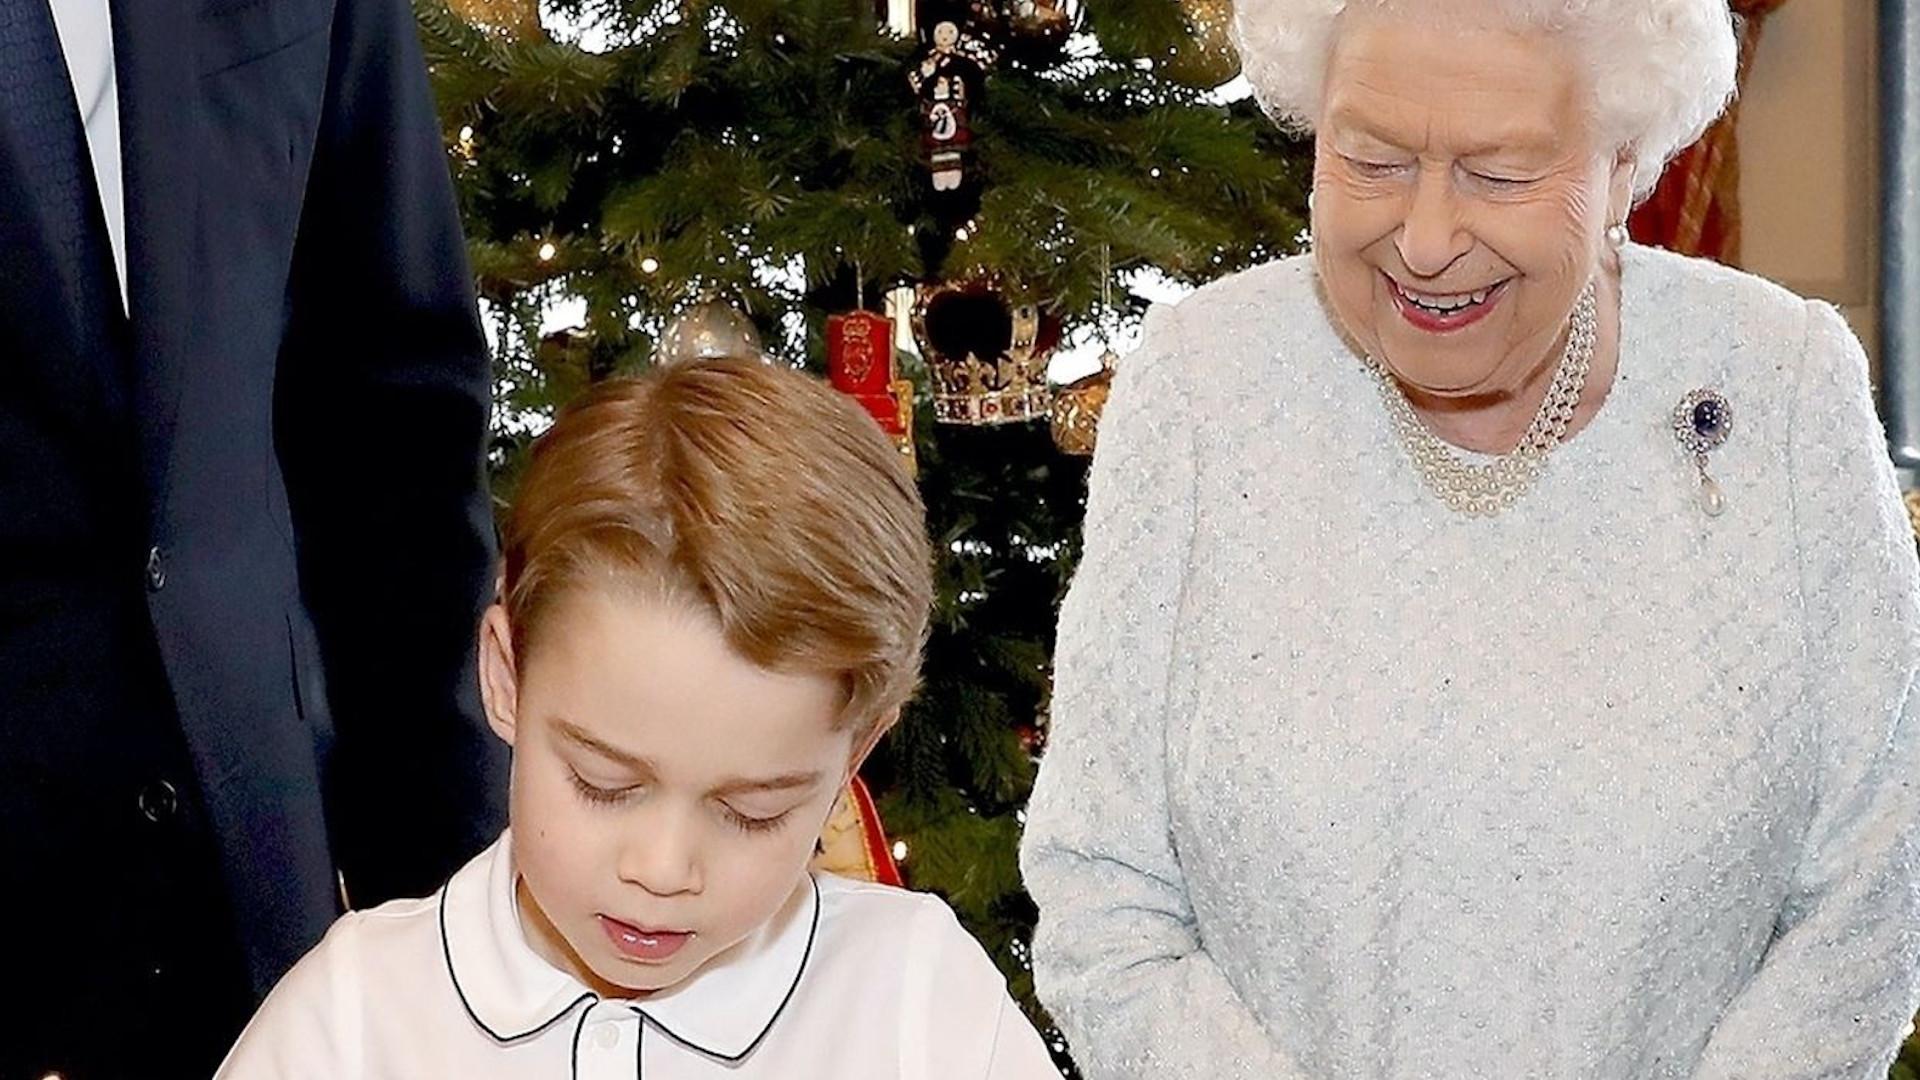 Ukazał się portret następców brytyjskiego tronu! Już widać, że książę George sprawdzi się świetnie na TRONIE